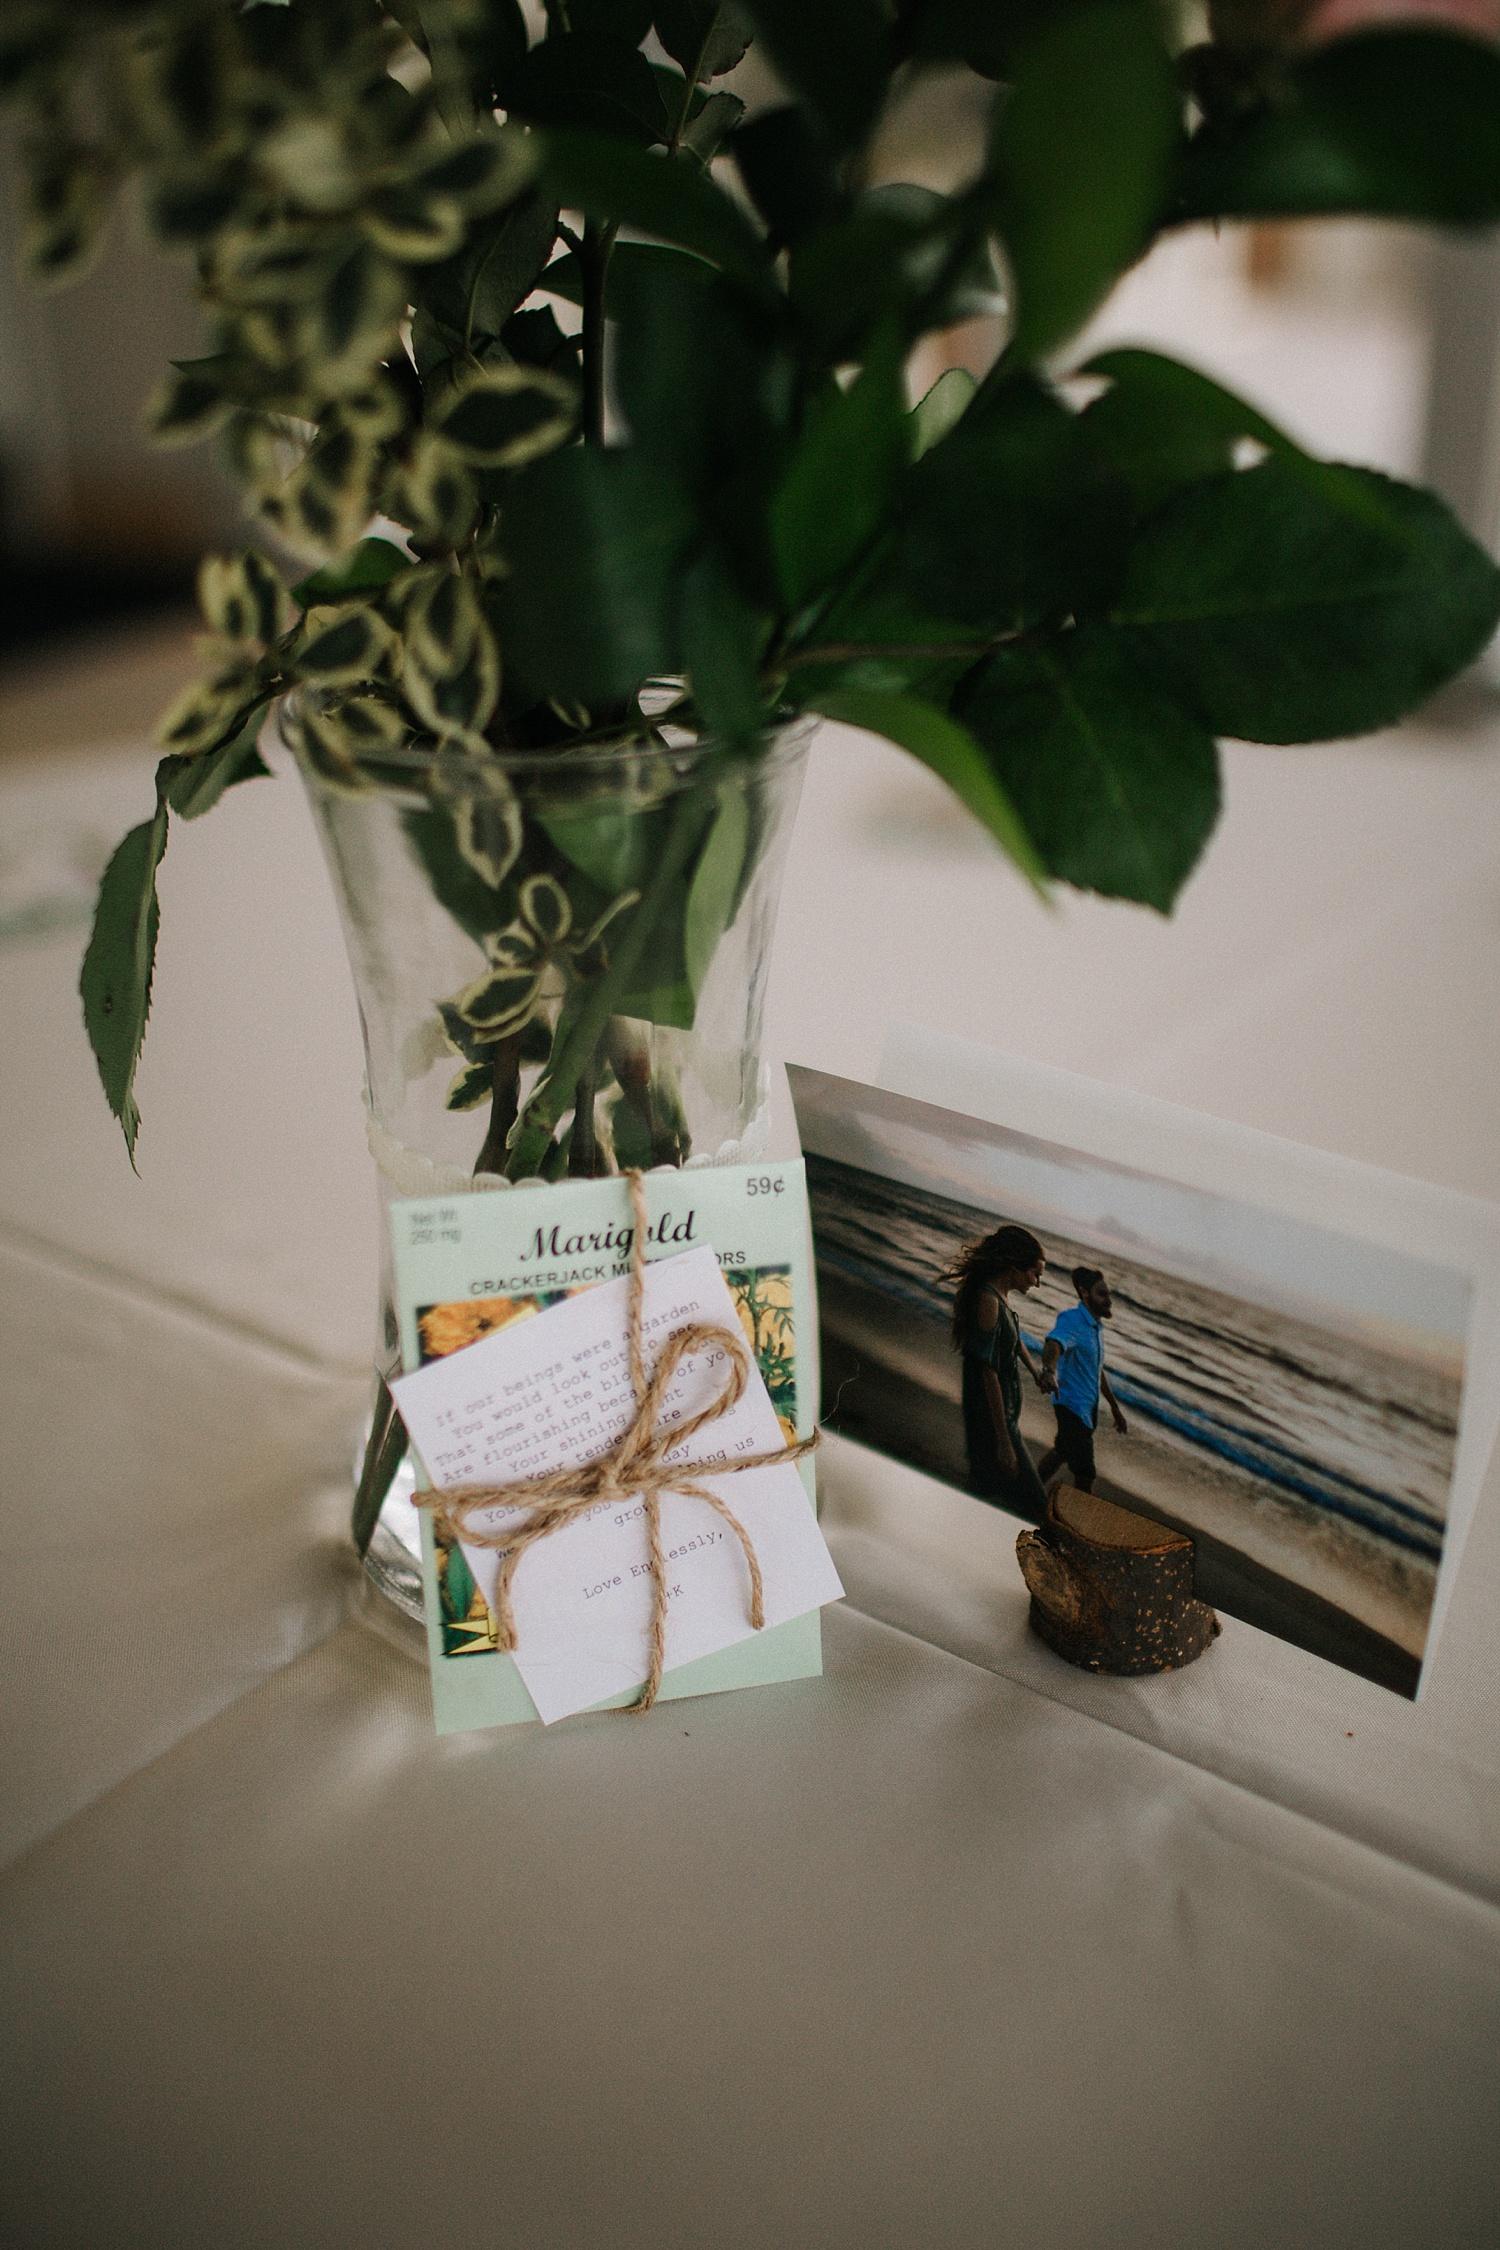 Peter + Kareena Rineer Downtown West Palm Beach December Wedding 2018_0050.jpg